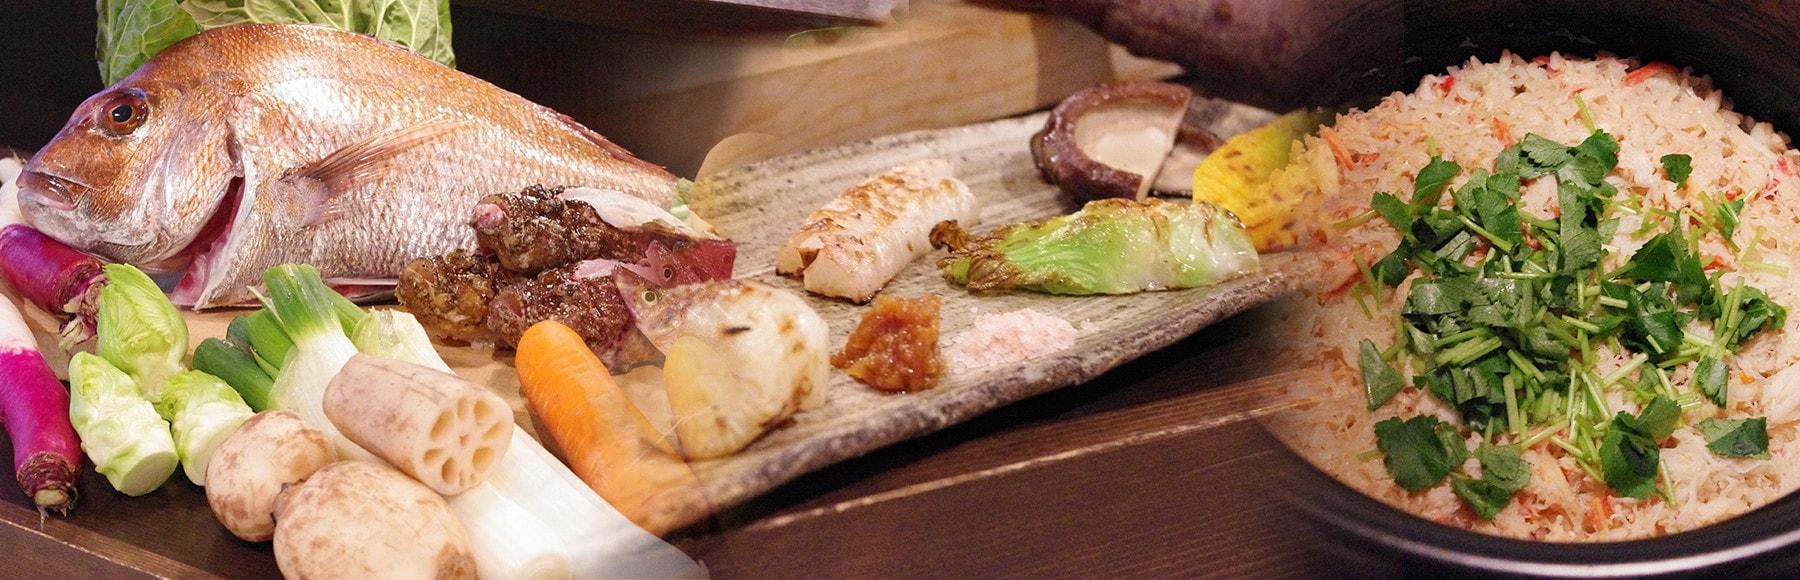 料理屋壱料理イメージ2